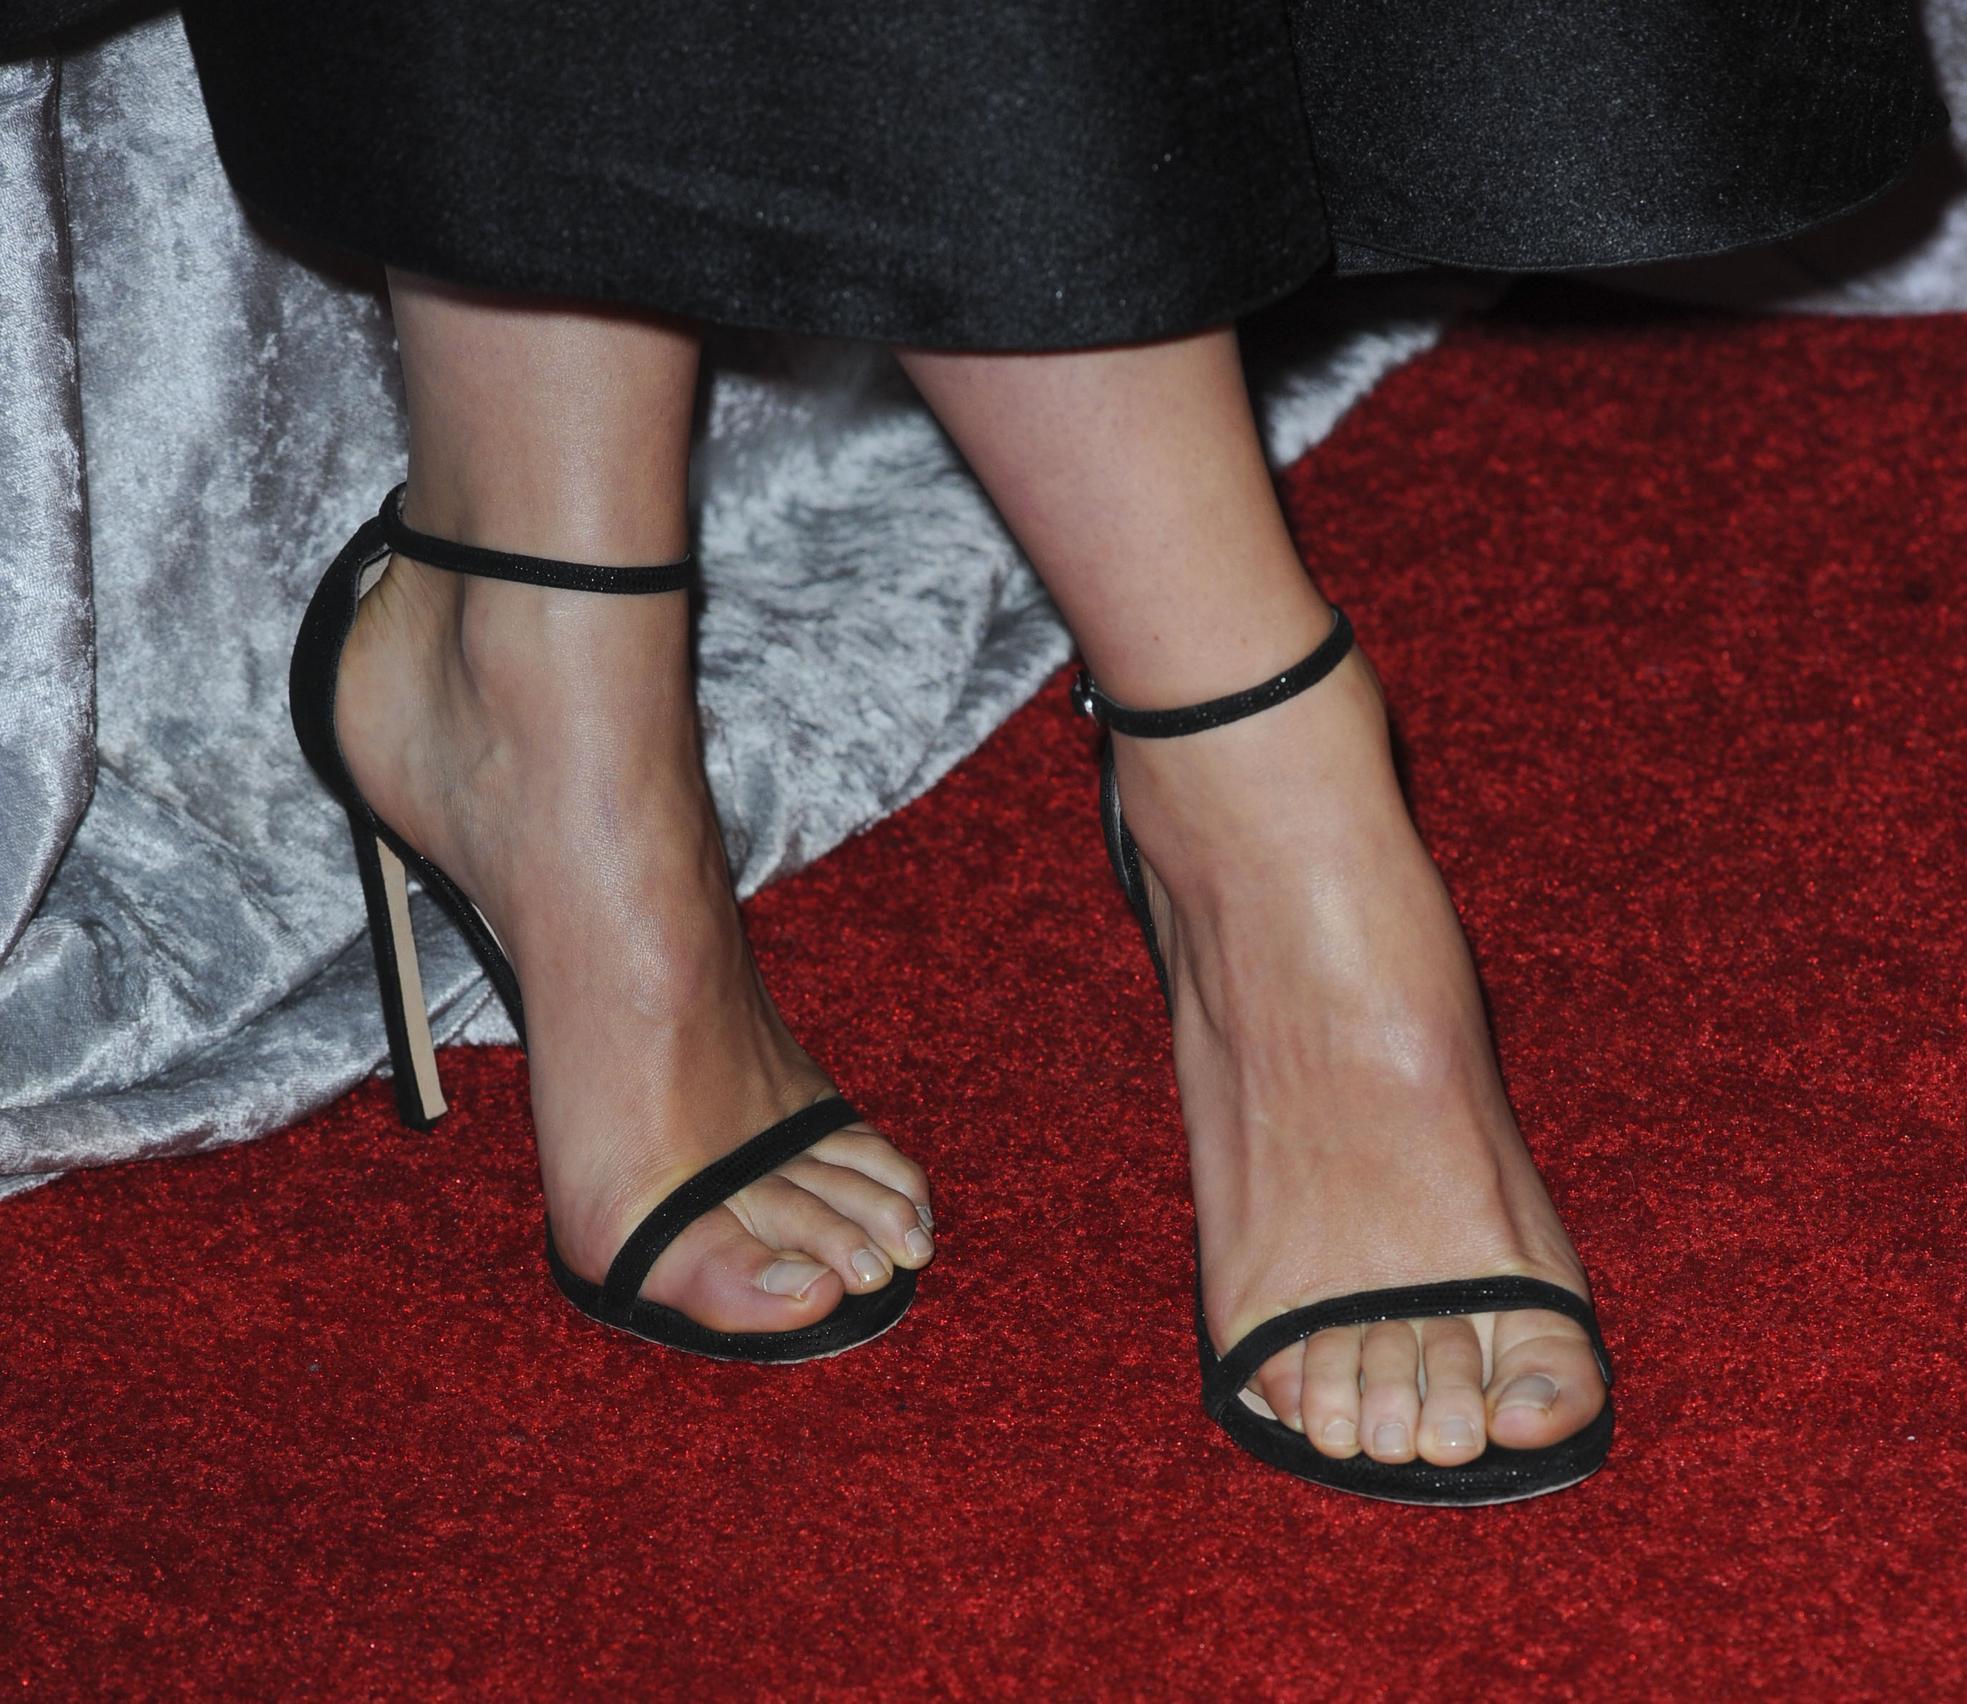 olivia wilde feet